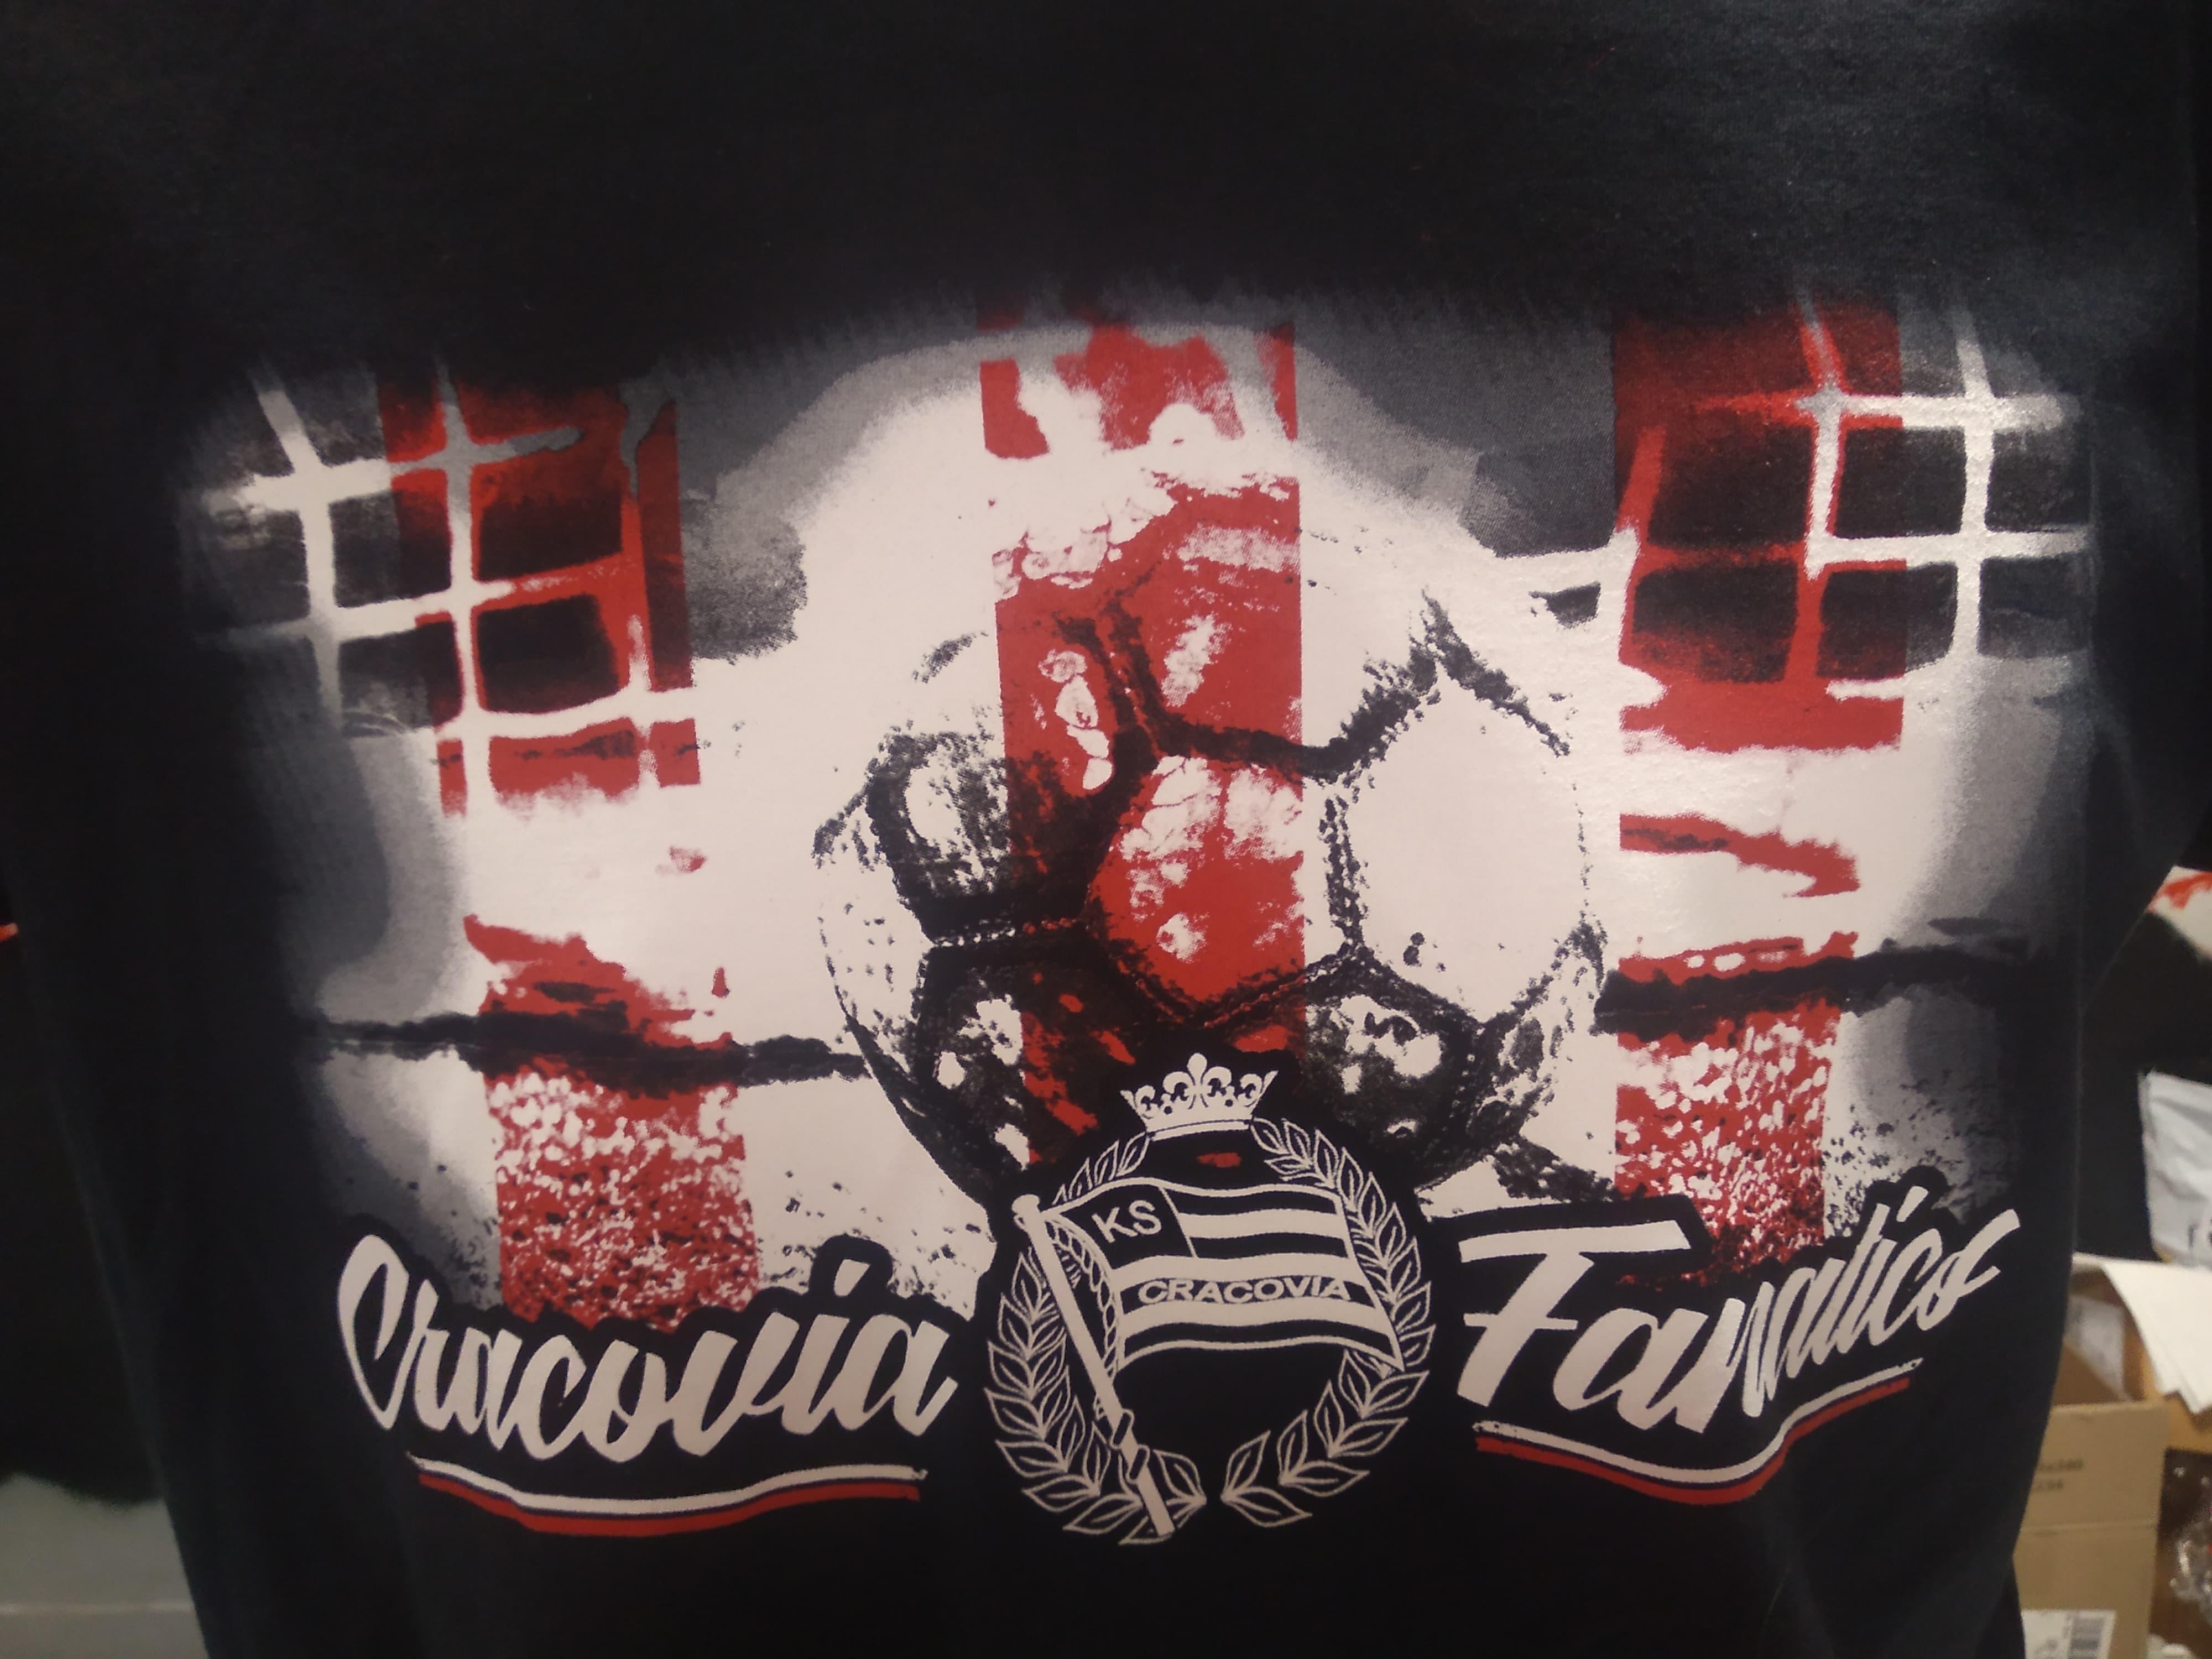 Koszulka 'Cracovia Fanatics'